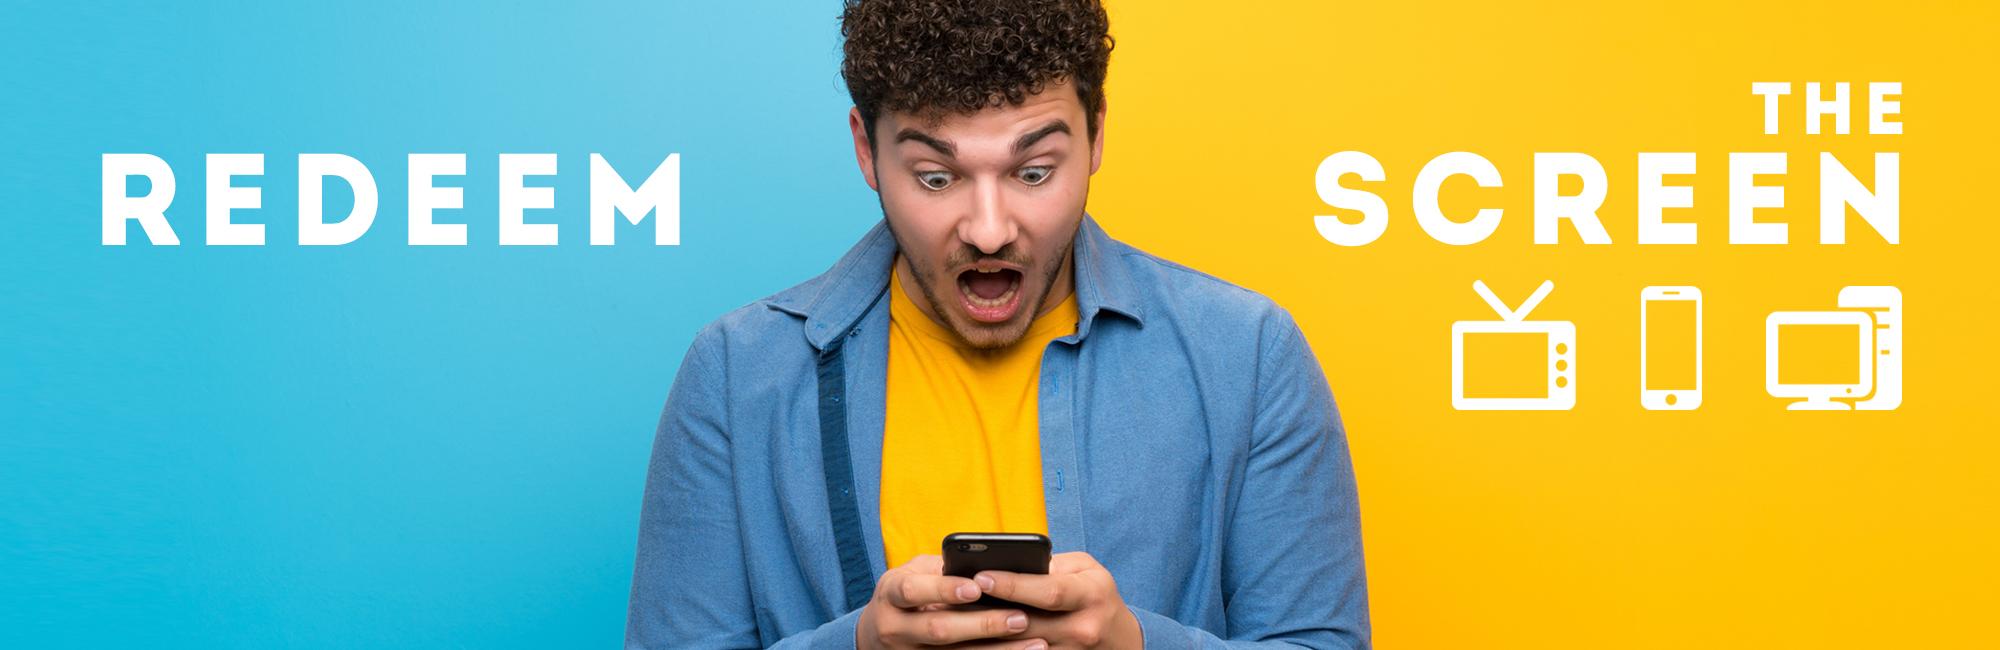 Redeem the Screen - Web - Message Header